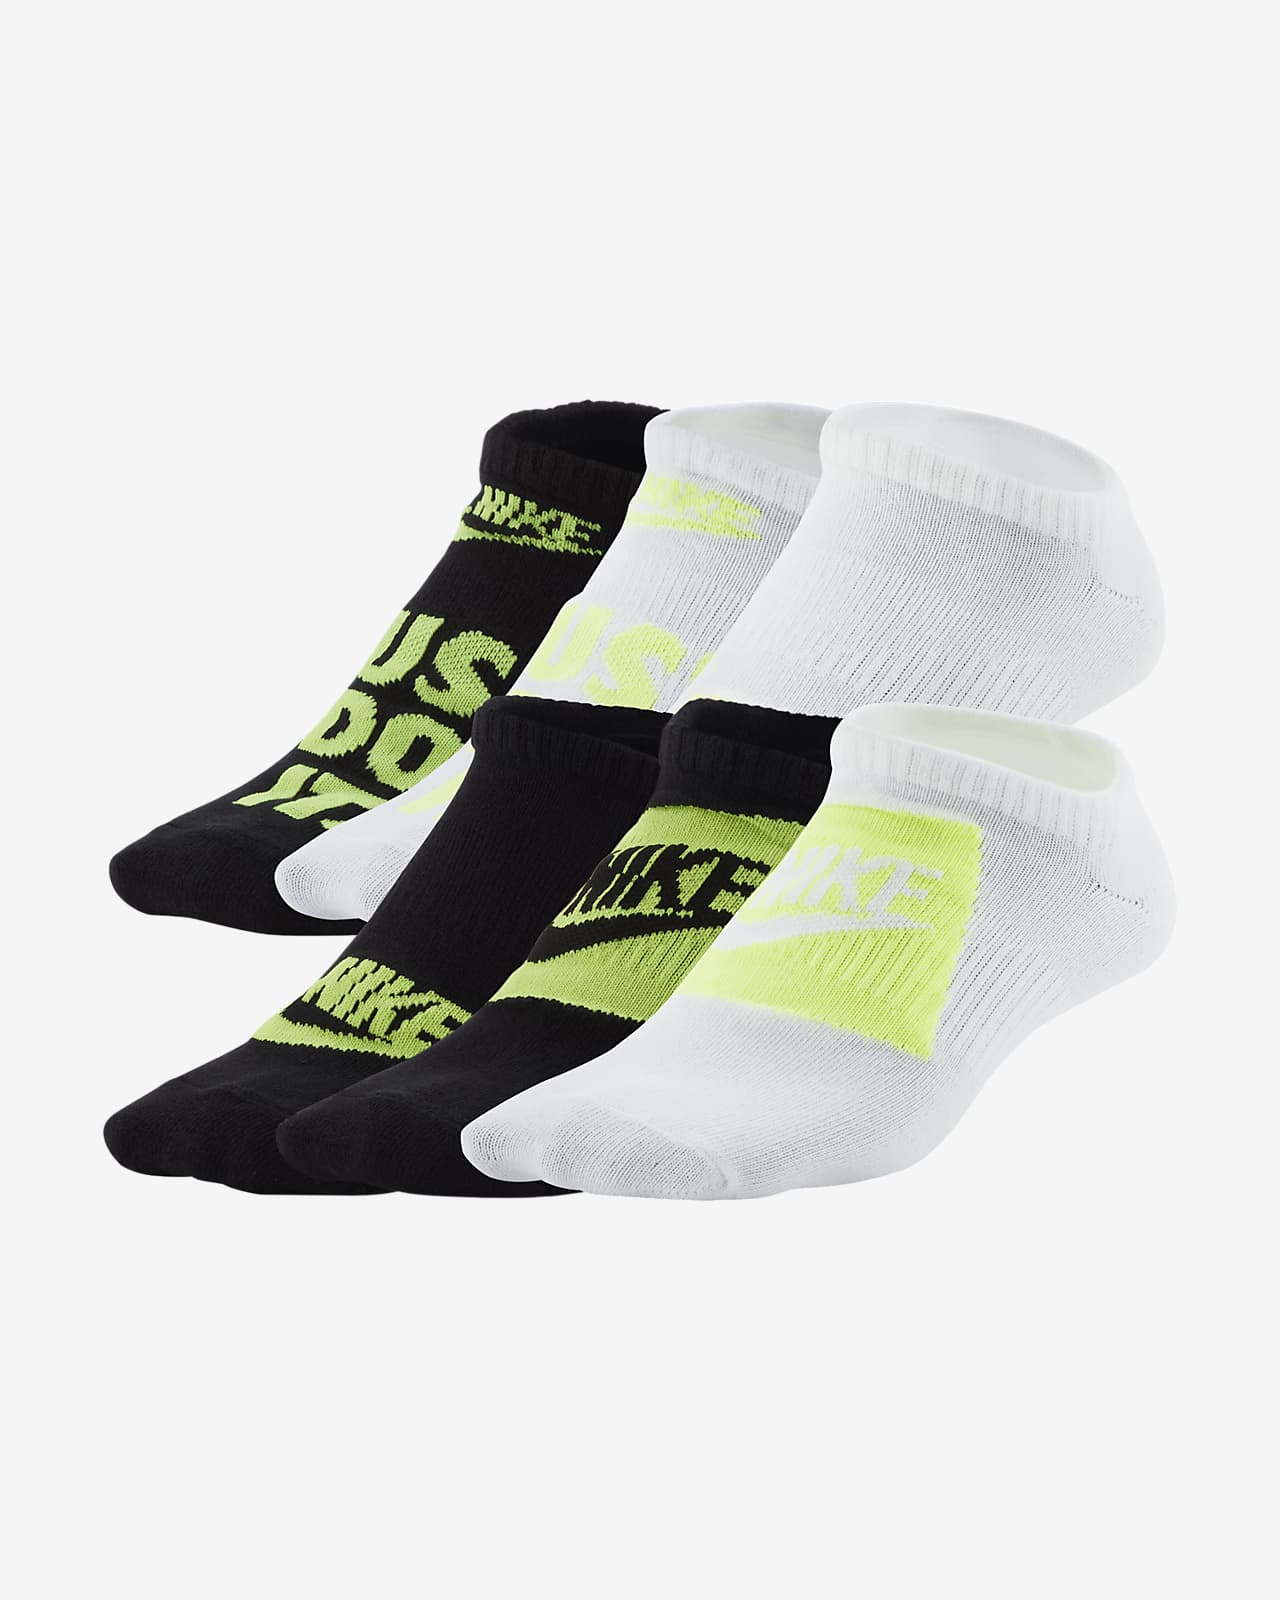 Calcetines ligeros invisibles para niño (talla grande) Nike Everyday (6 pares)